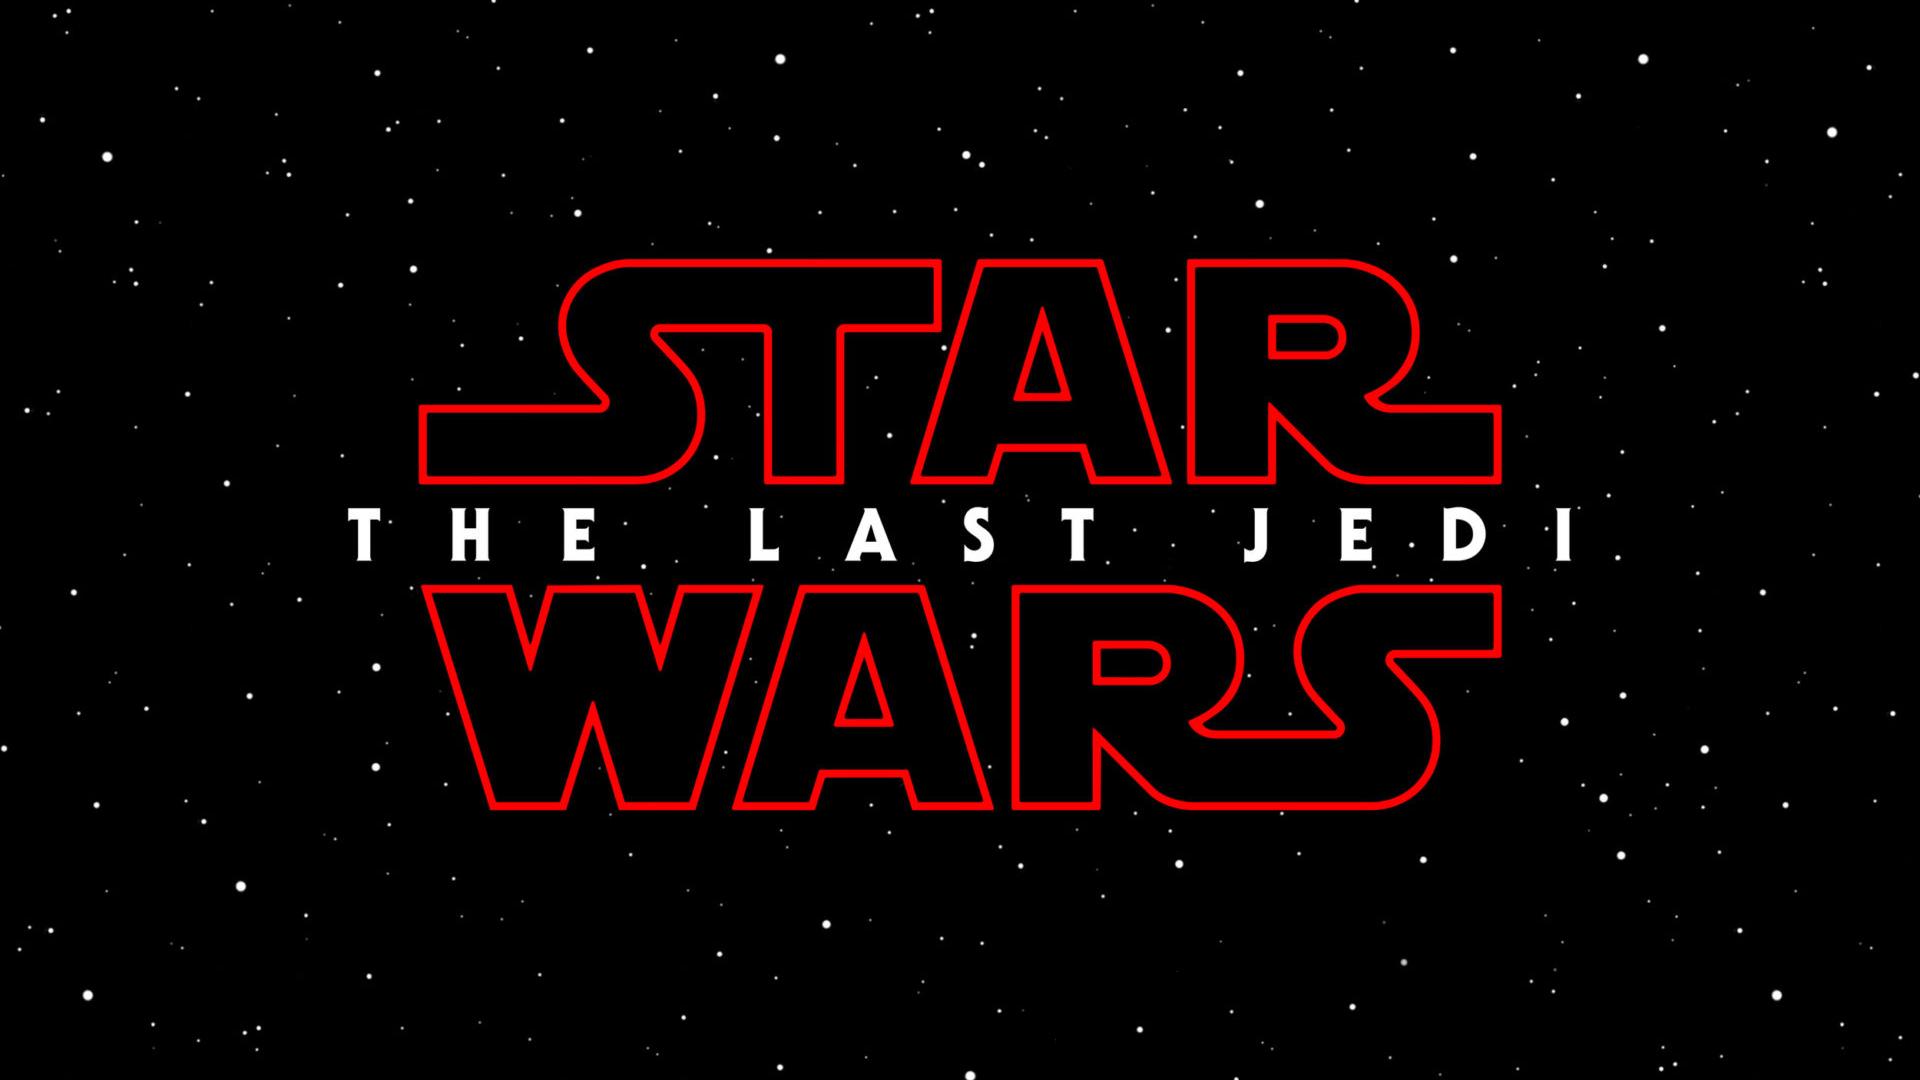 Star wars the last jedi wallpaper myconfinedspace - Star wars the last jedi wallpaper ...